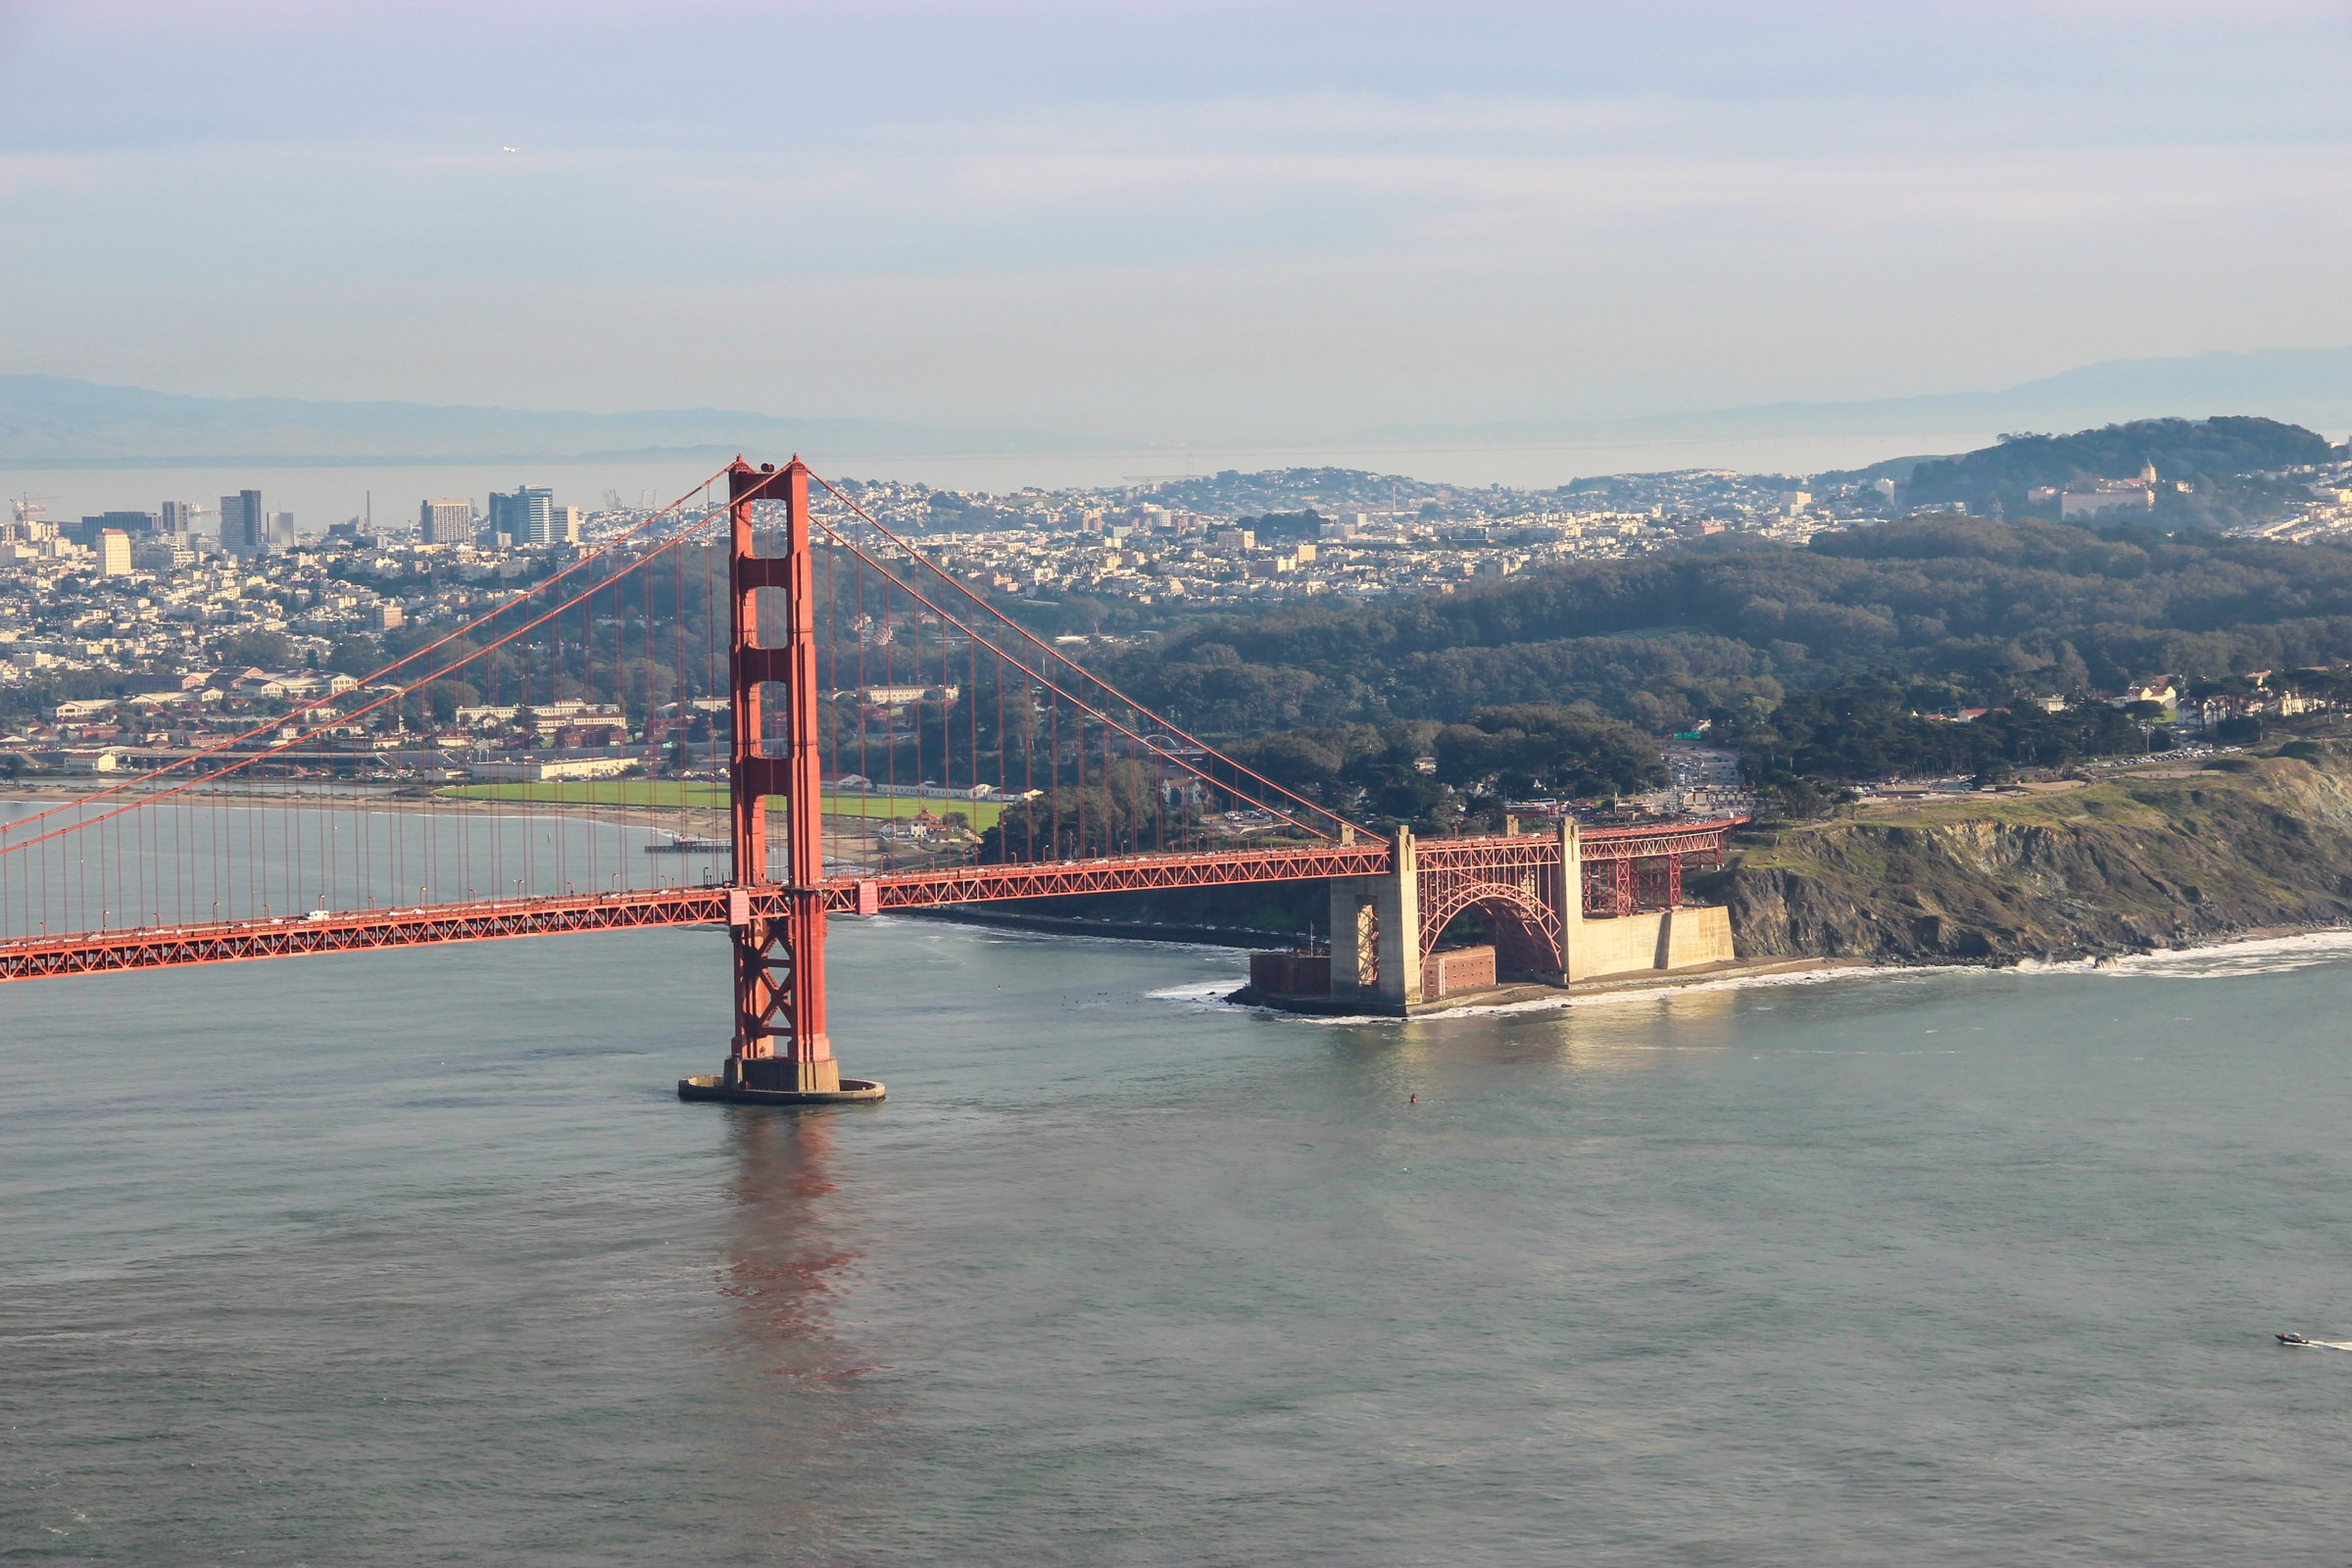 Golden Gate Bridge Going into San Francisco